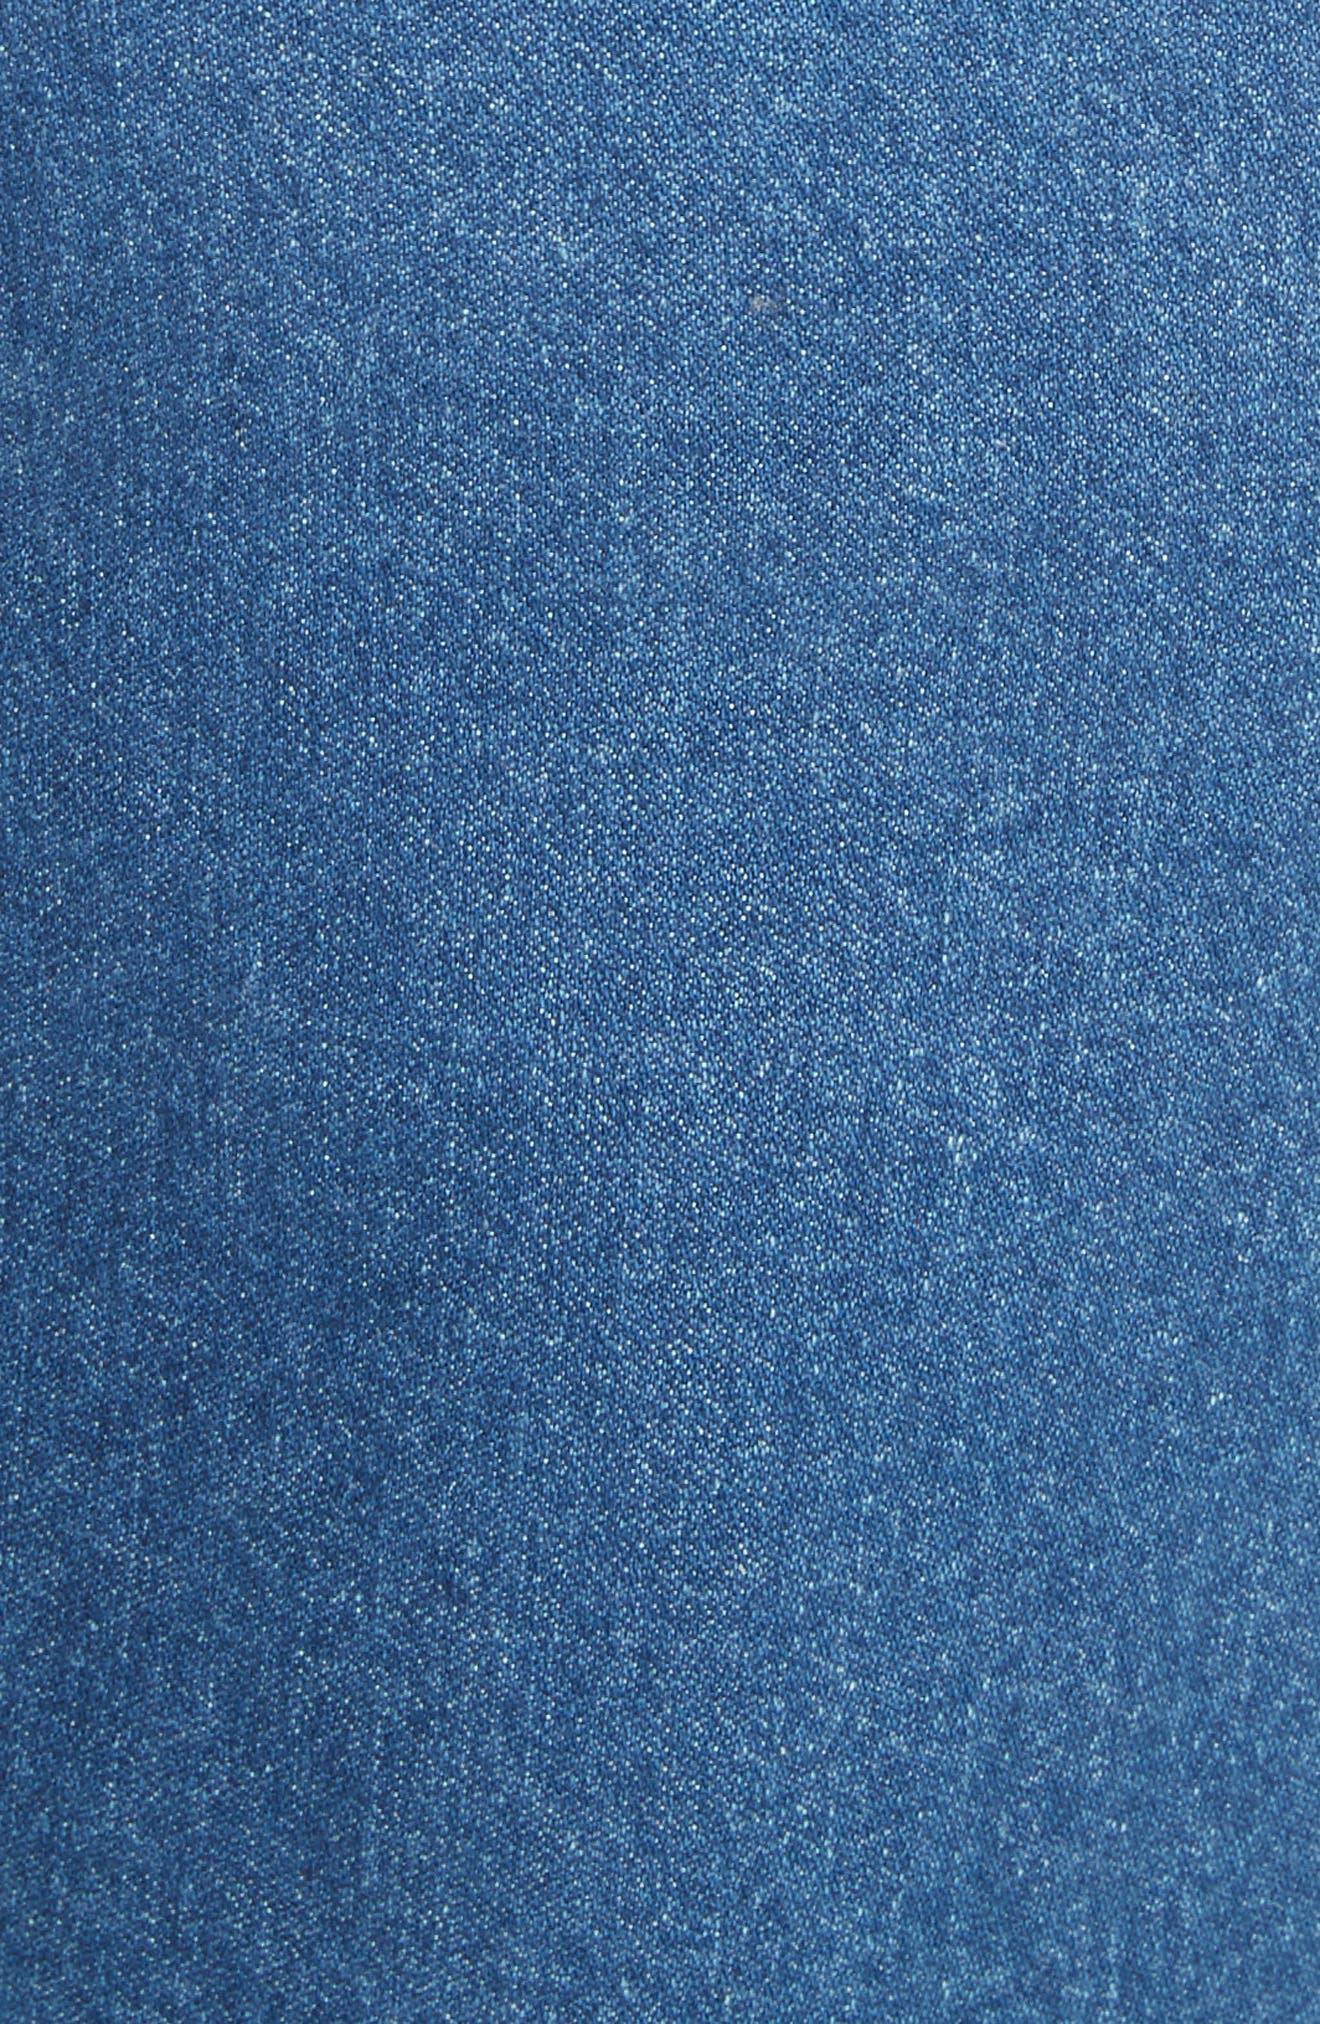 Suji Denim Skirt,                             Alternate thumbnail 5, color,                             401